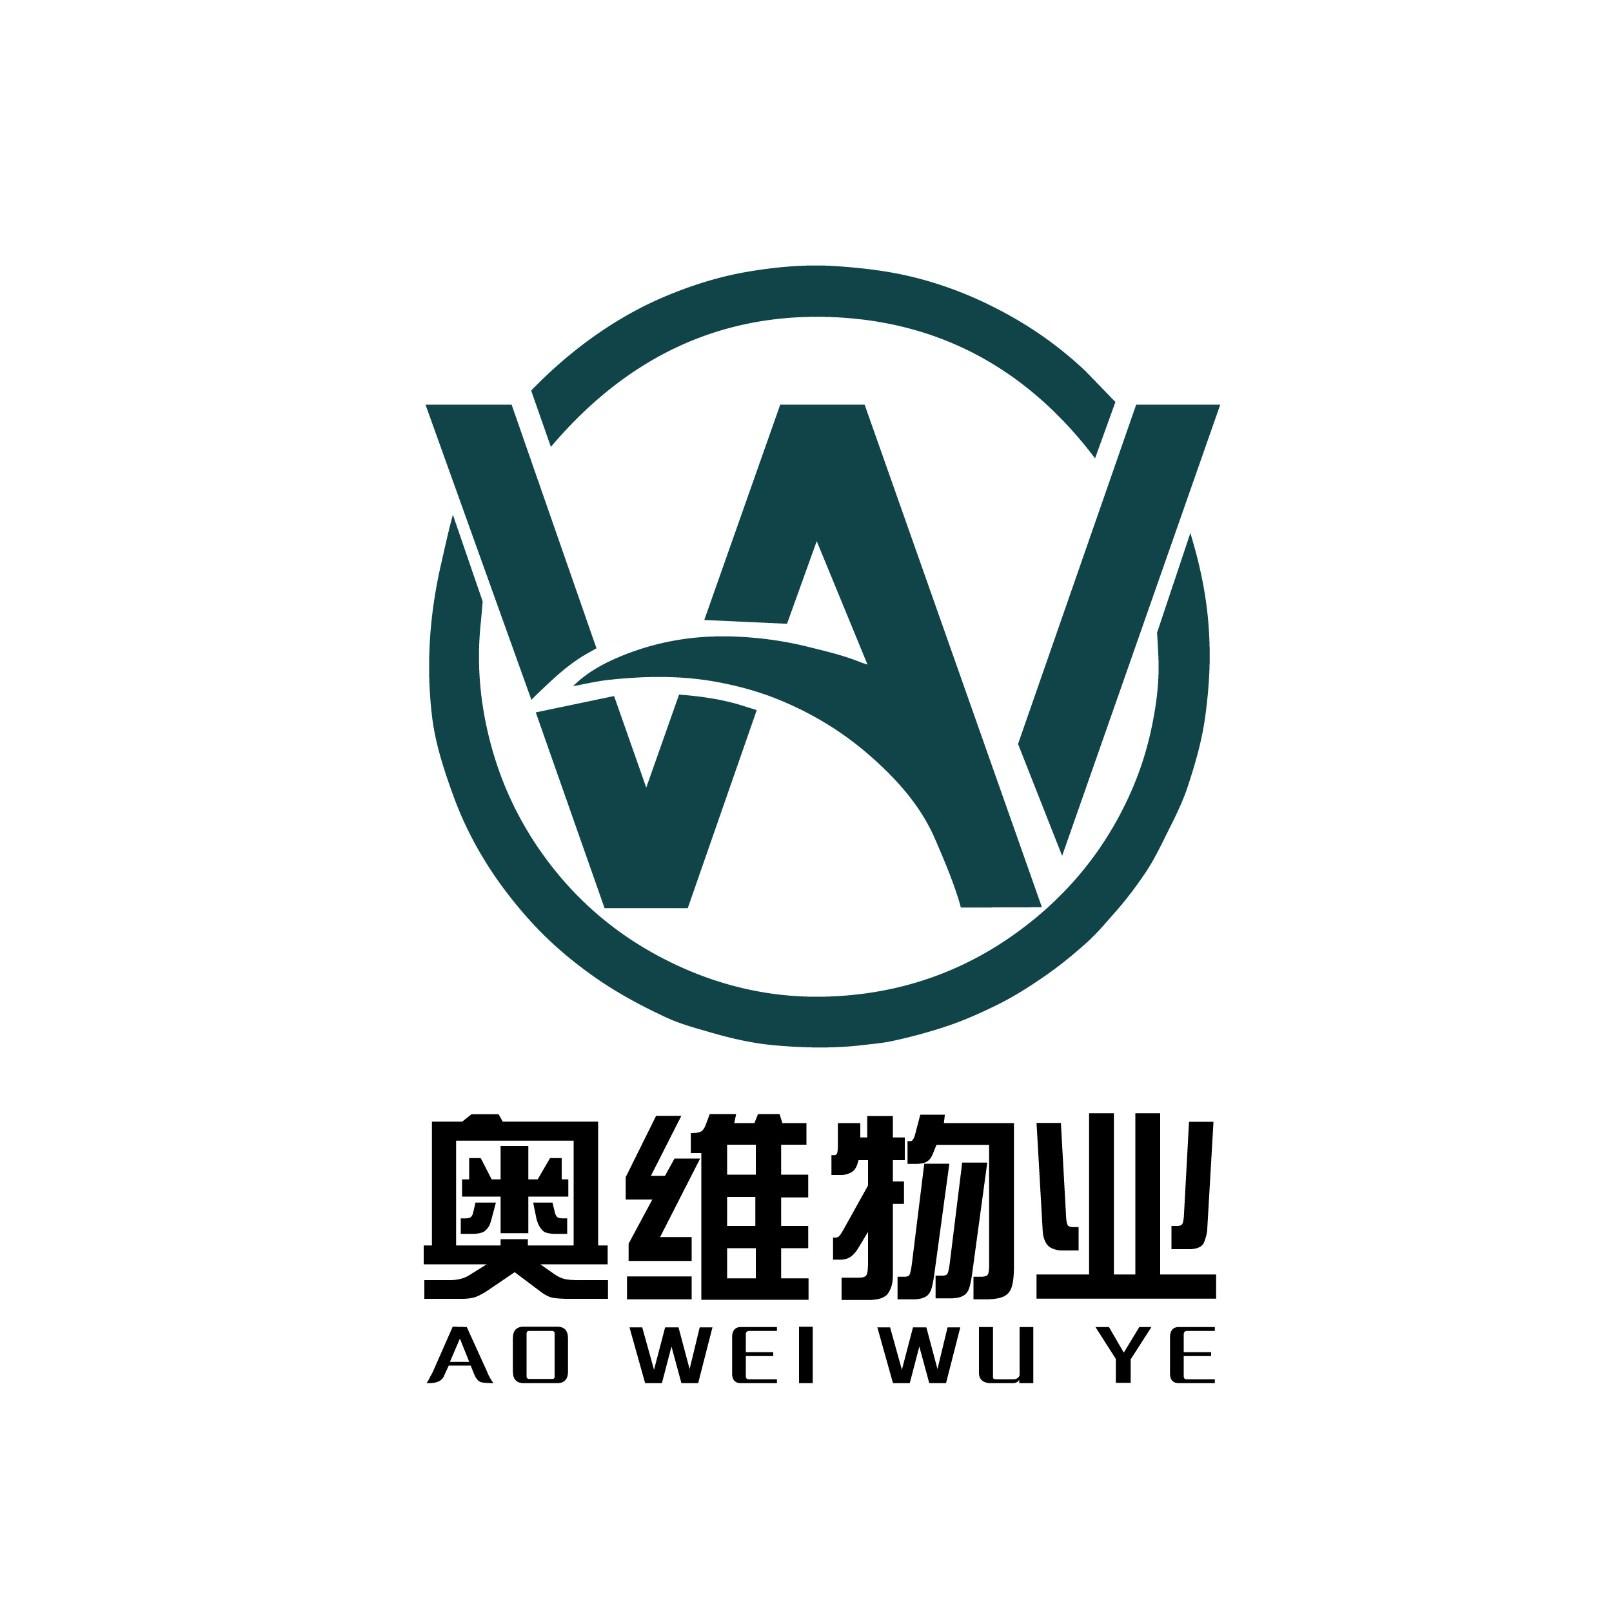 锦州奥维物业管理有限公司